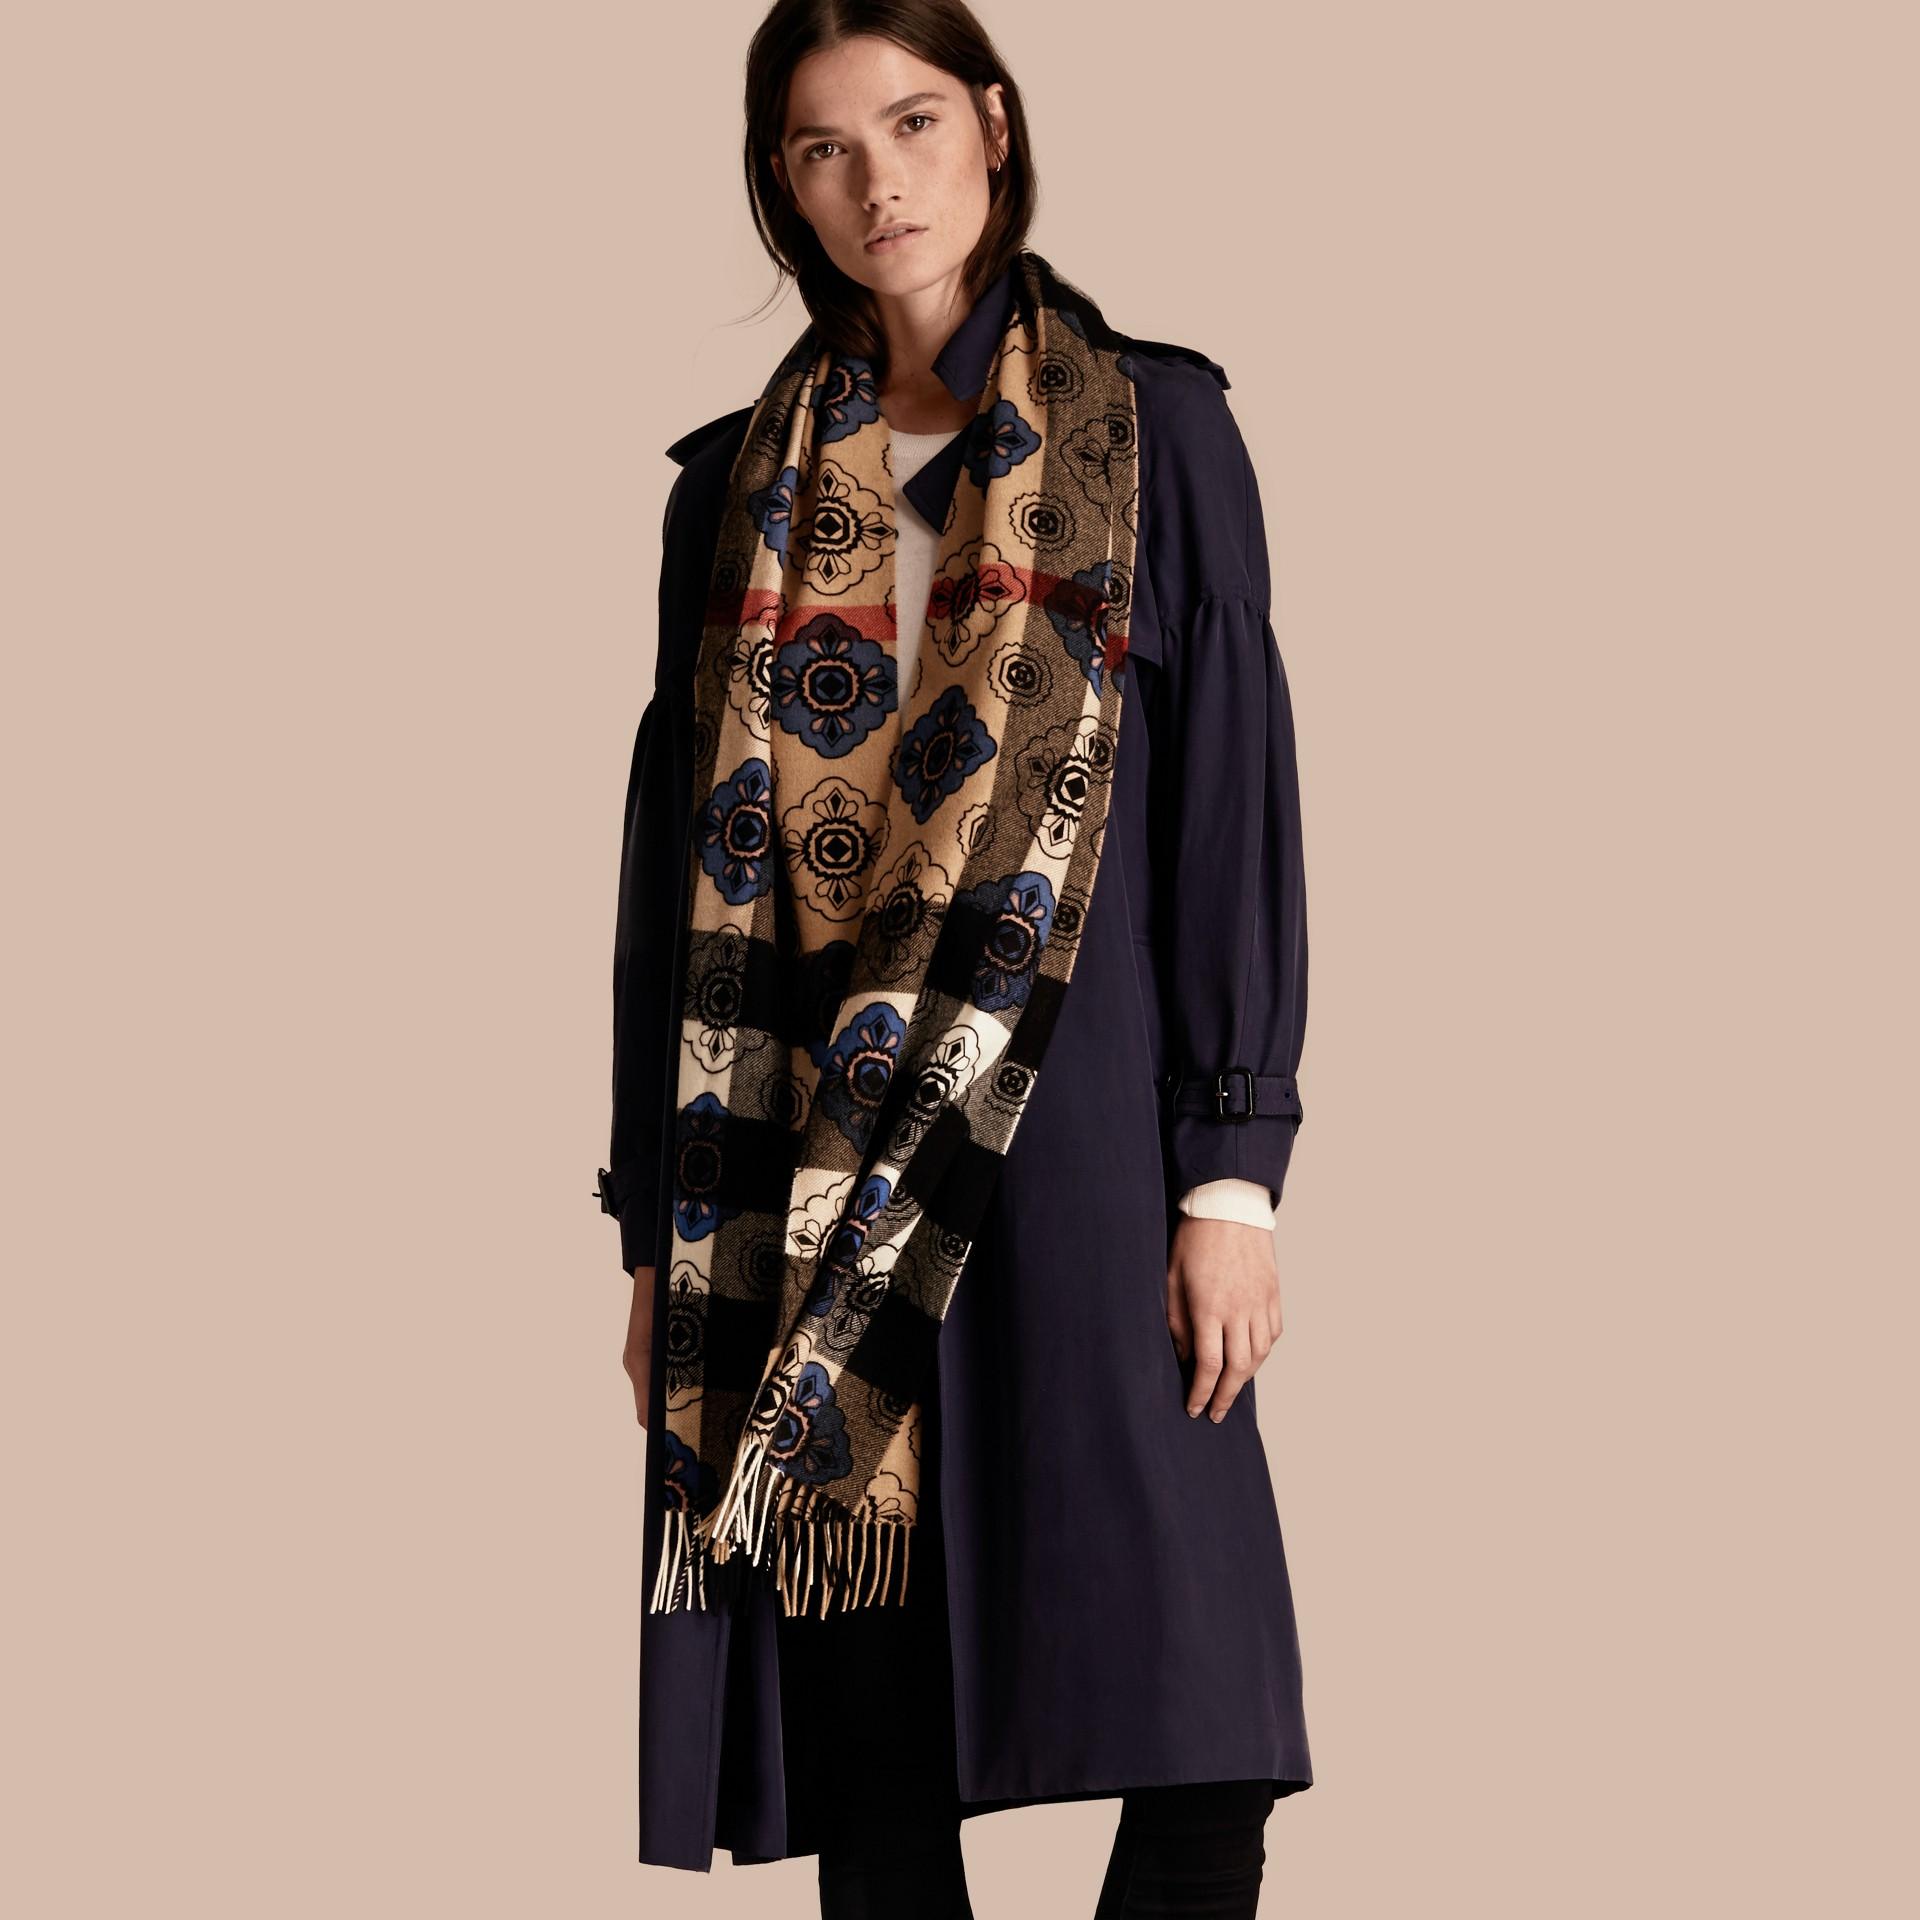 Двусторонний шарф с комбинированным принтом - изображение 3